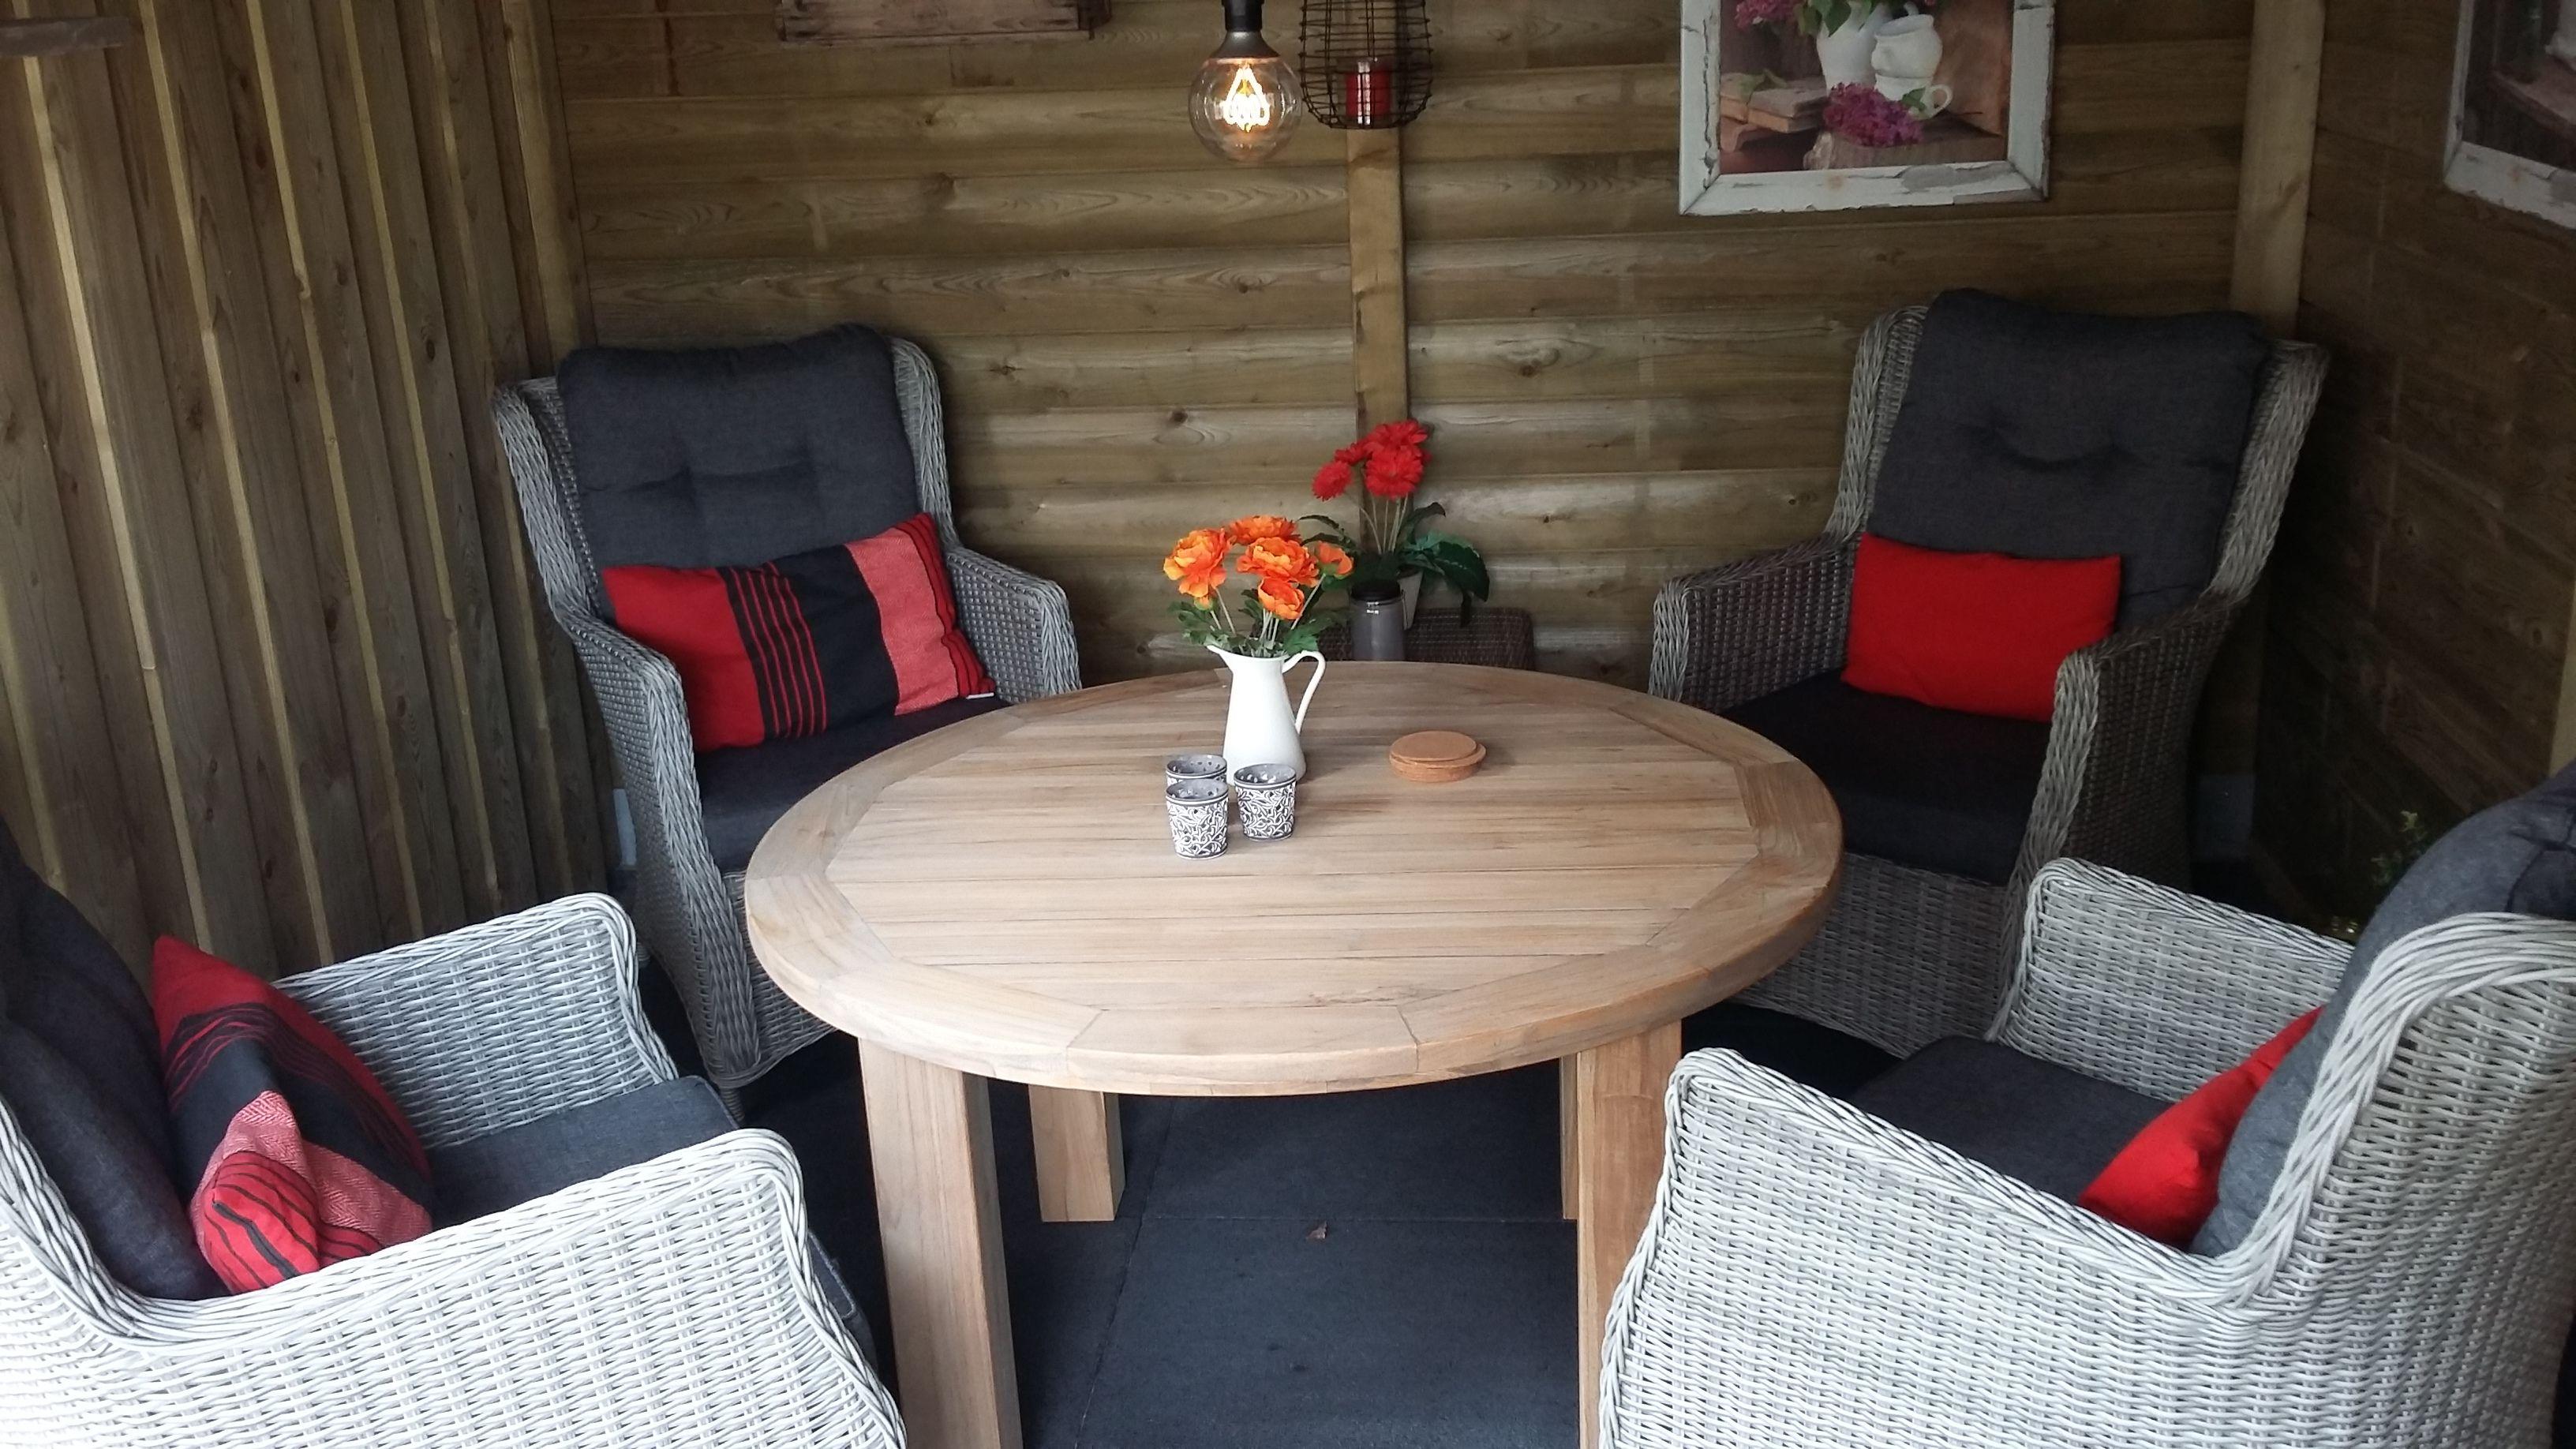 Tuinset bestaande uit ronde tafel van hout met vier grote